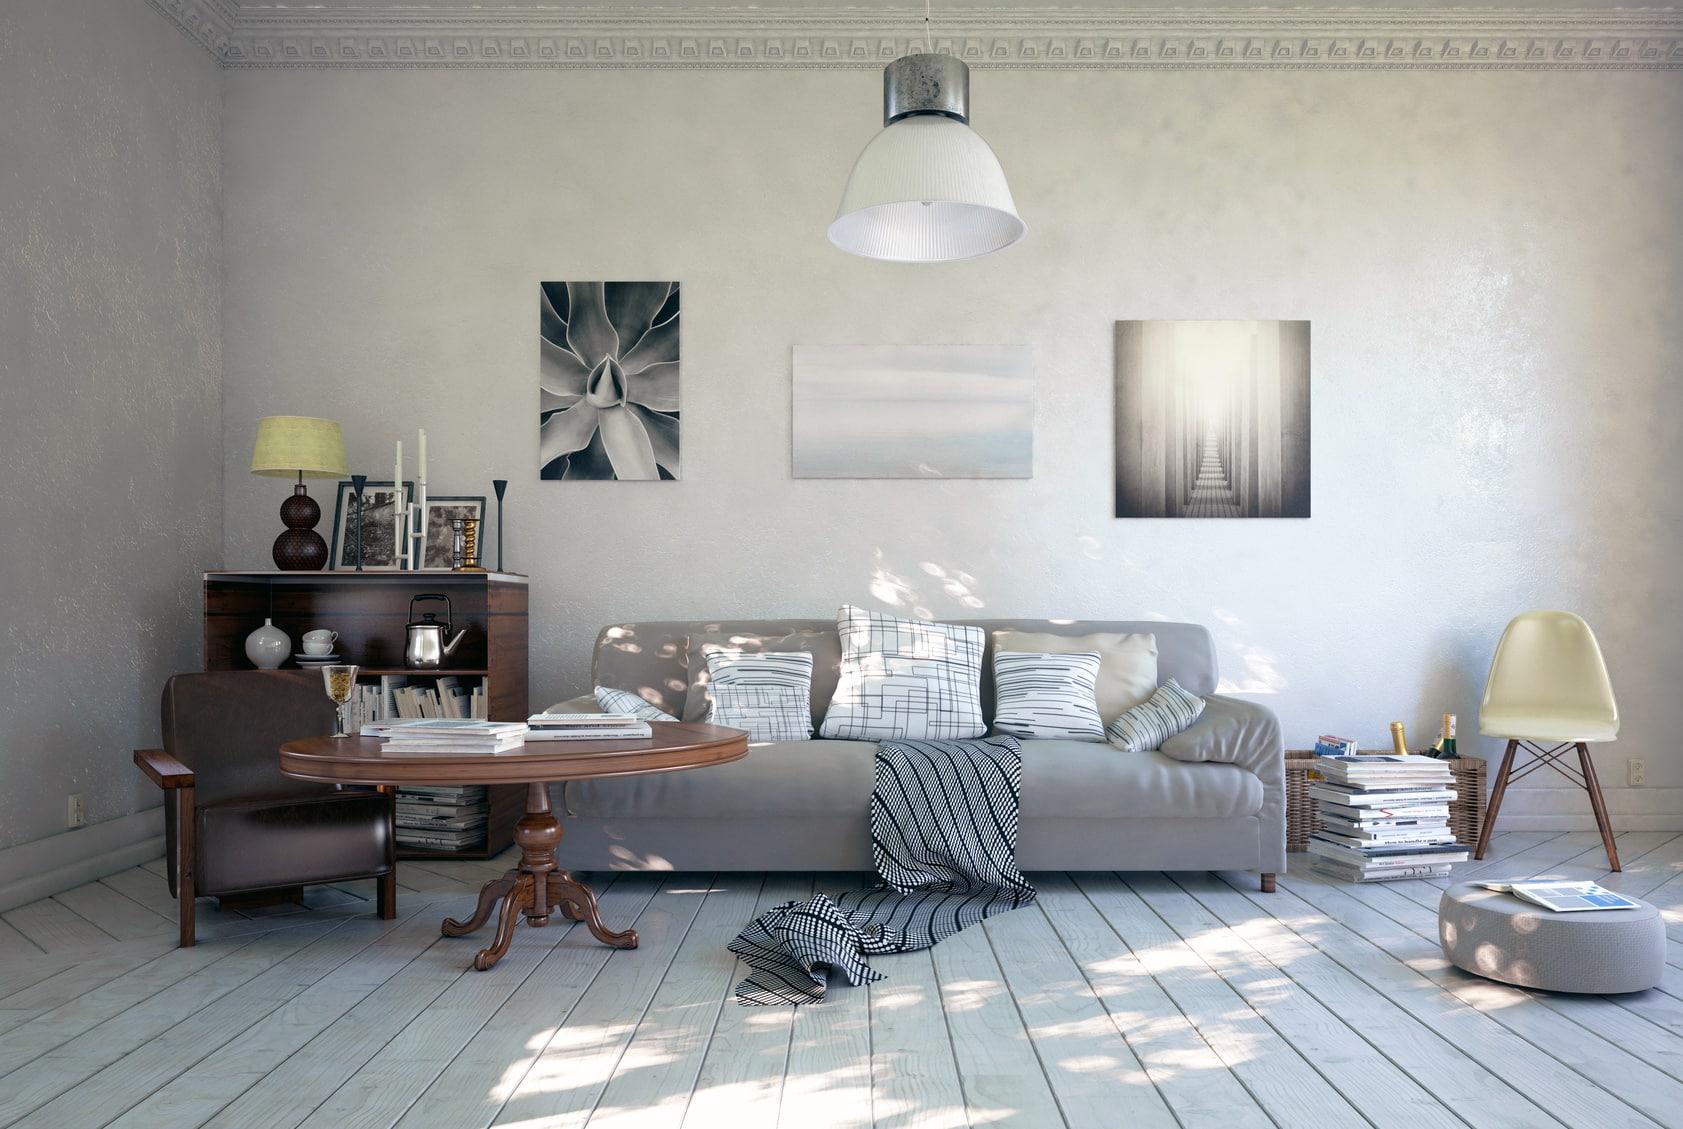 #5F4942 Déco Maison : Idées De Décoration Simple Et Pas Cher 4473 décoration feng shui salle à manger 1683x1129 px @ aertt.com